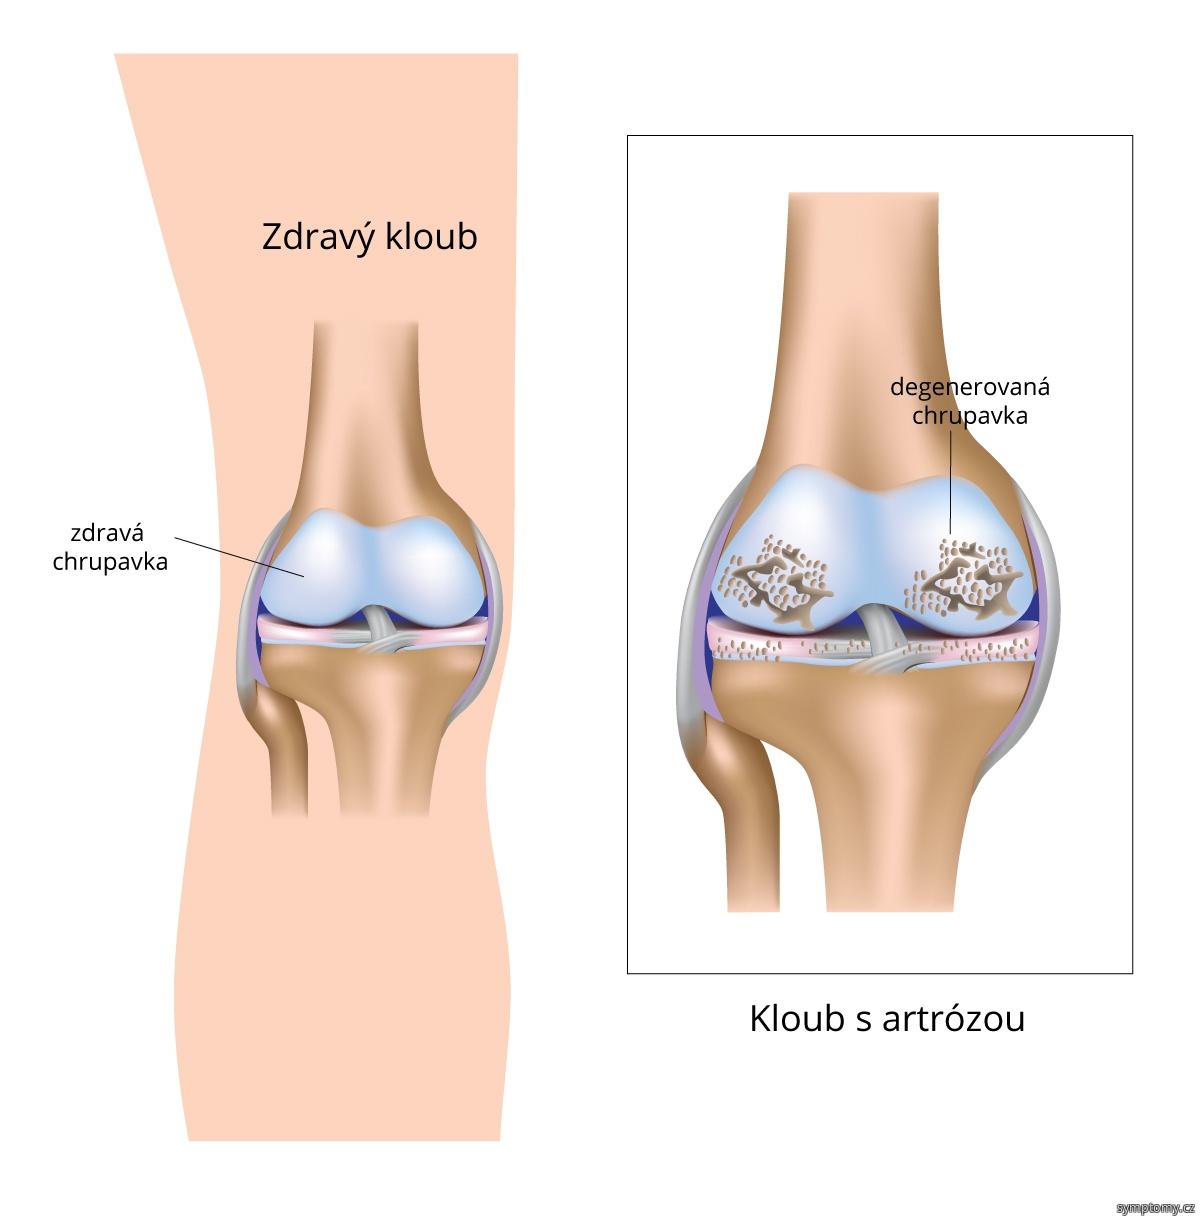 Artróza kolenního kloubu.jpg